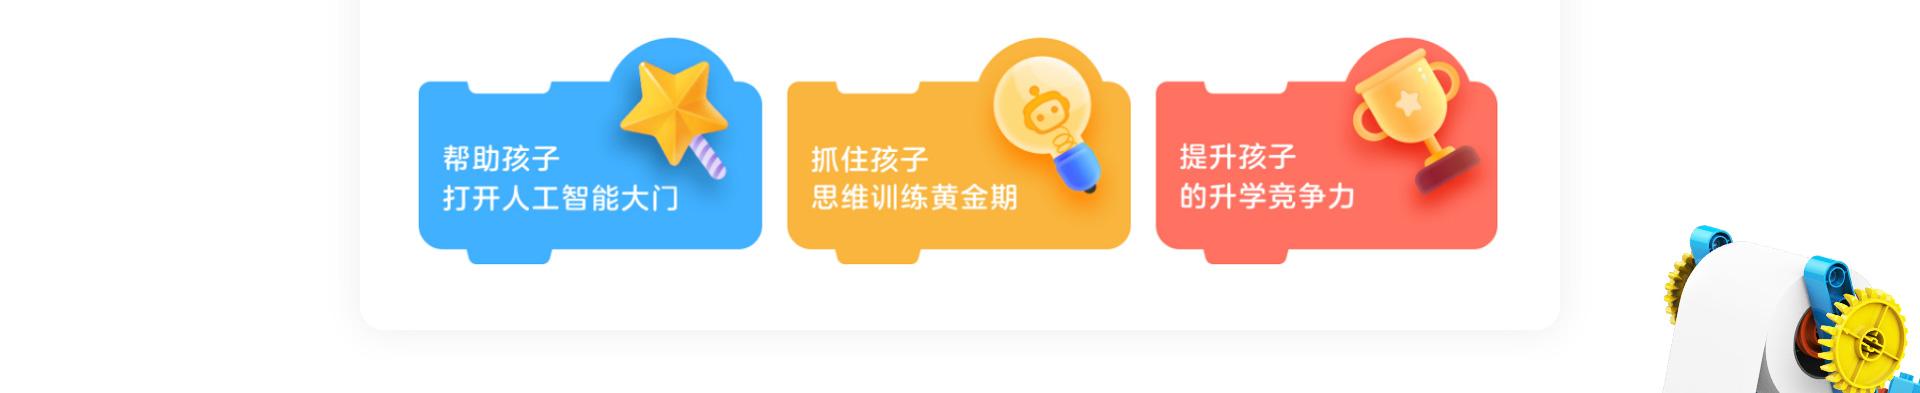 小科熊少儿编程详情_04